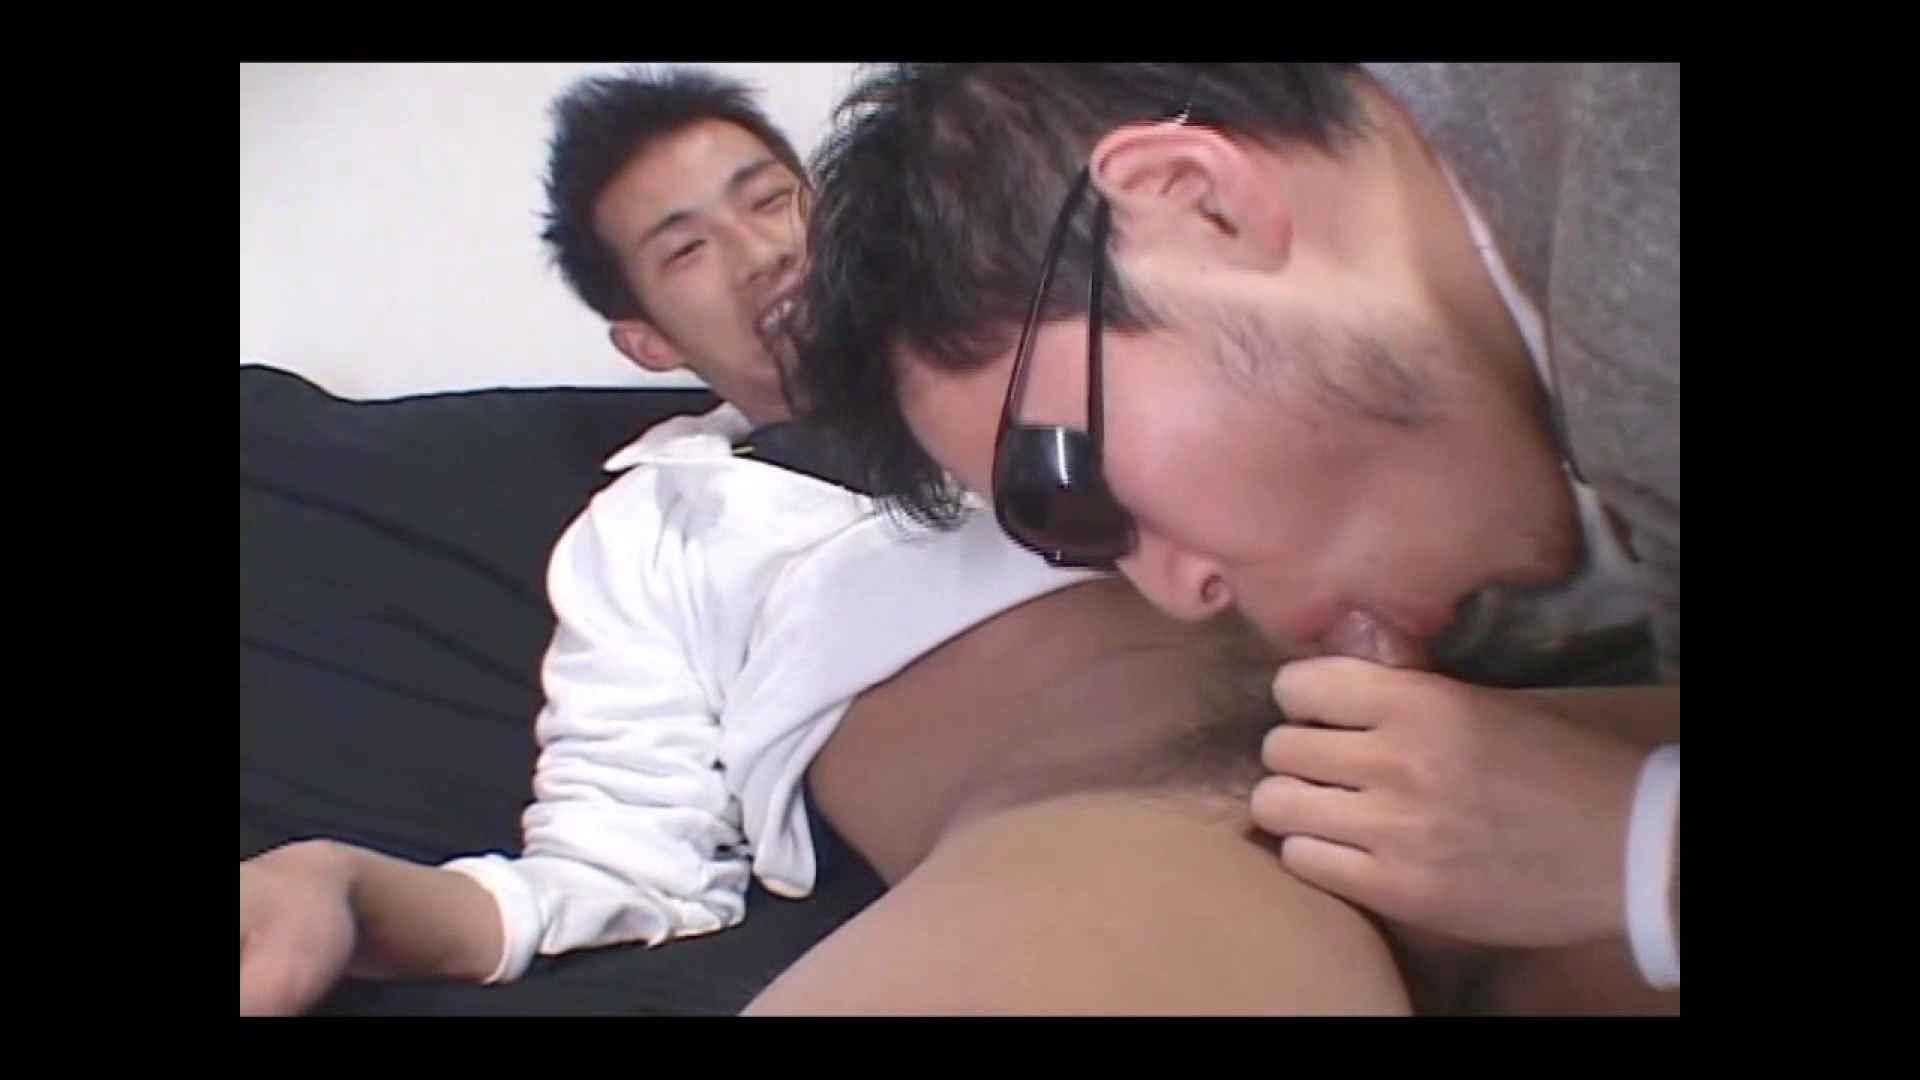 ノンケイケメンの欲望と肉棒 Vol.15 イケメンのsex | 肉  76pic 16